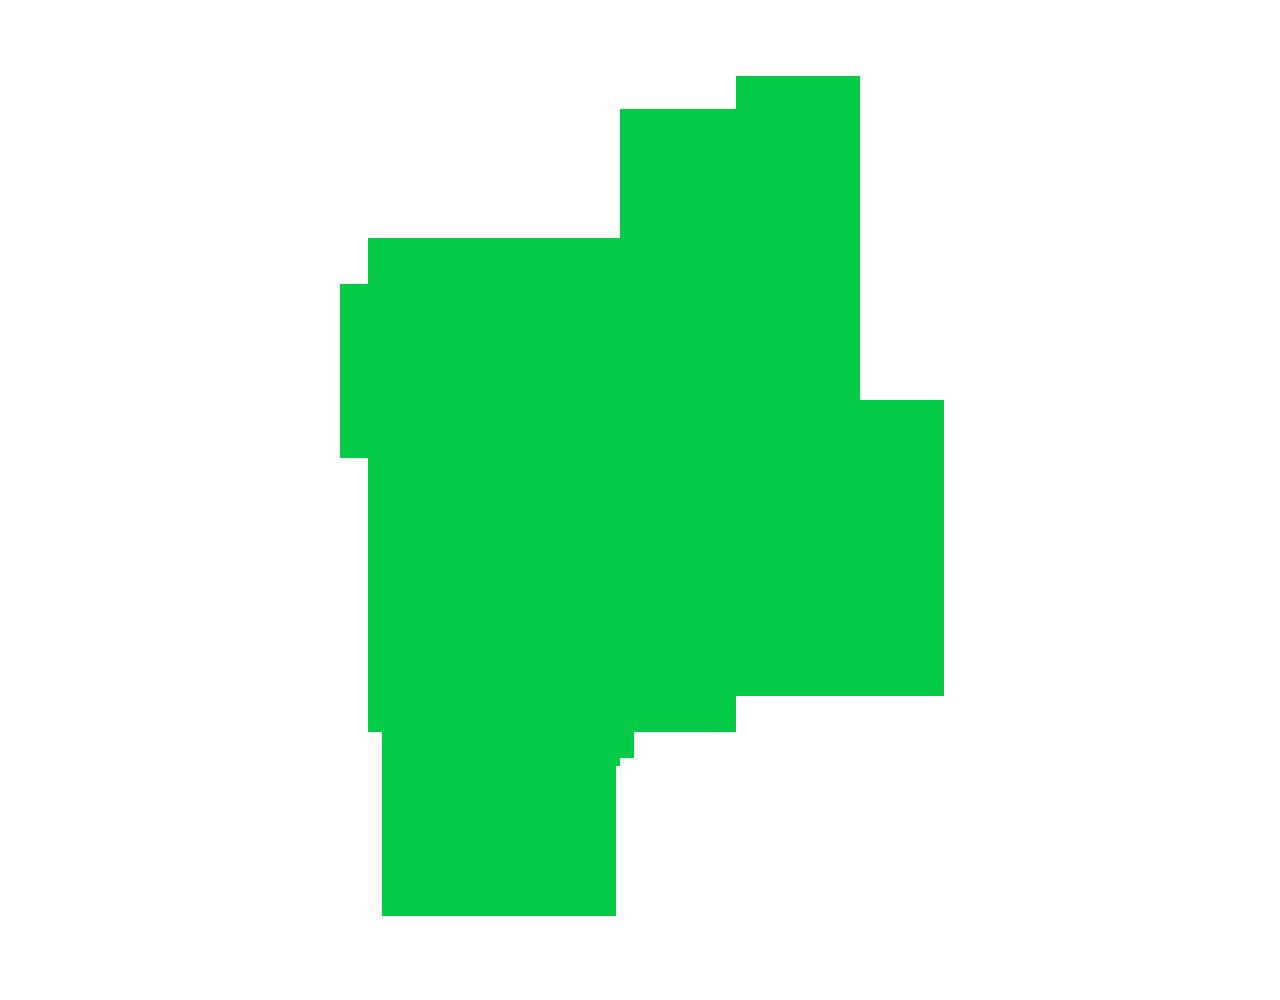 https://orig15.deviantart.net/1a88/f/2015/005/3/7/deviantart_new_logo_by_wowismel-d8cqggp.png